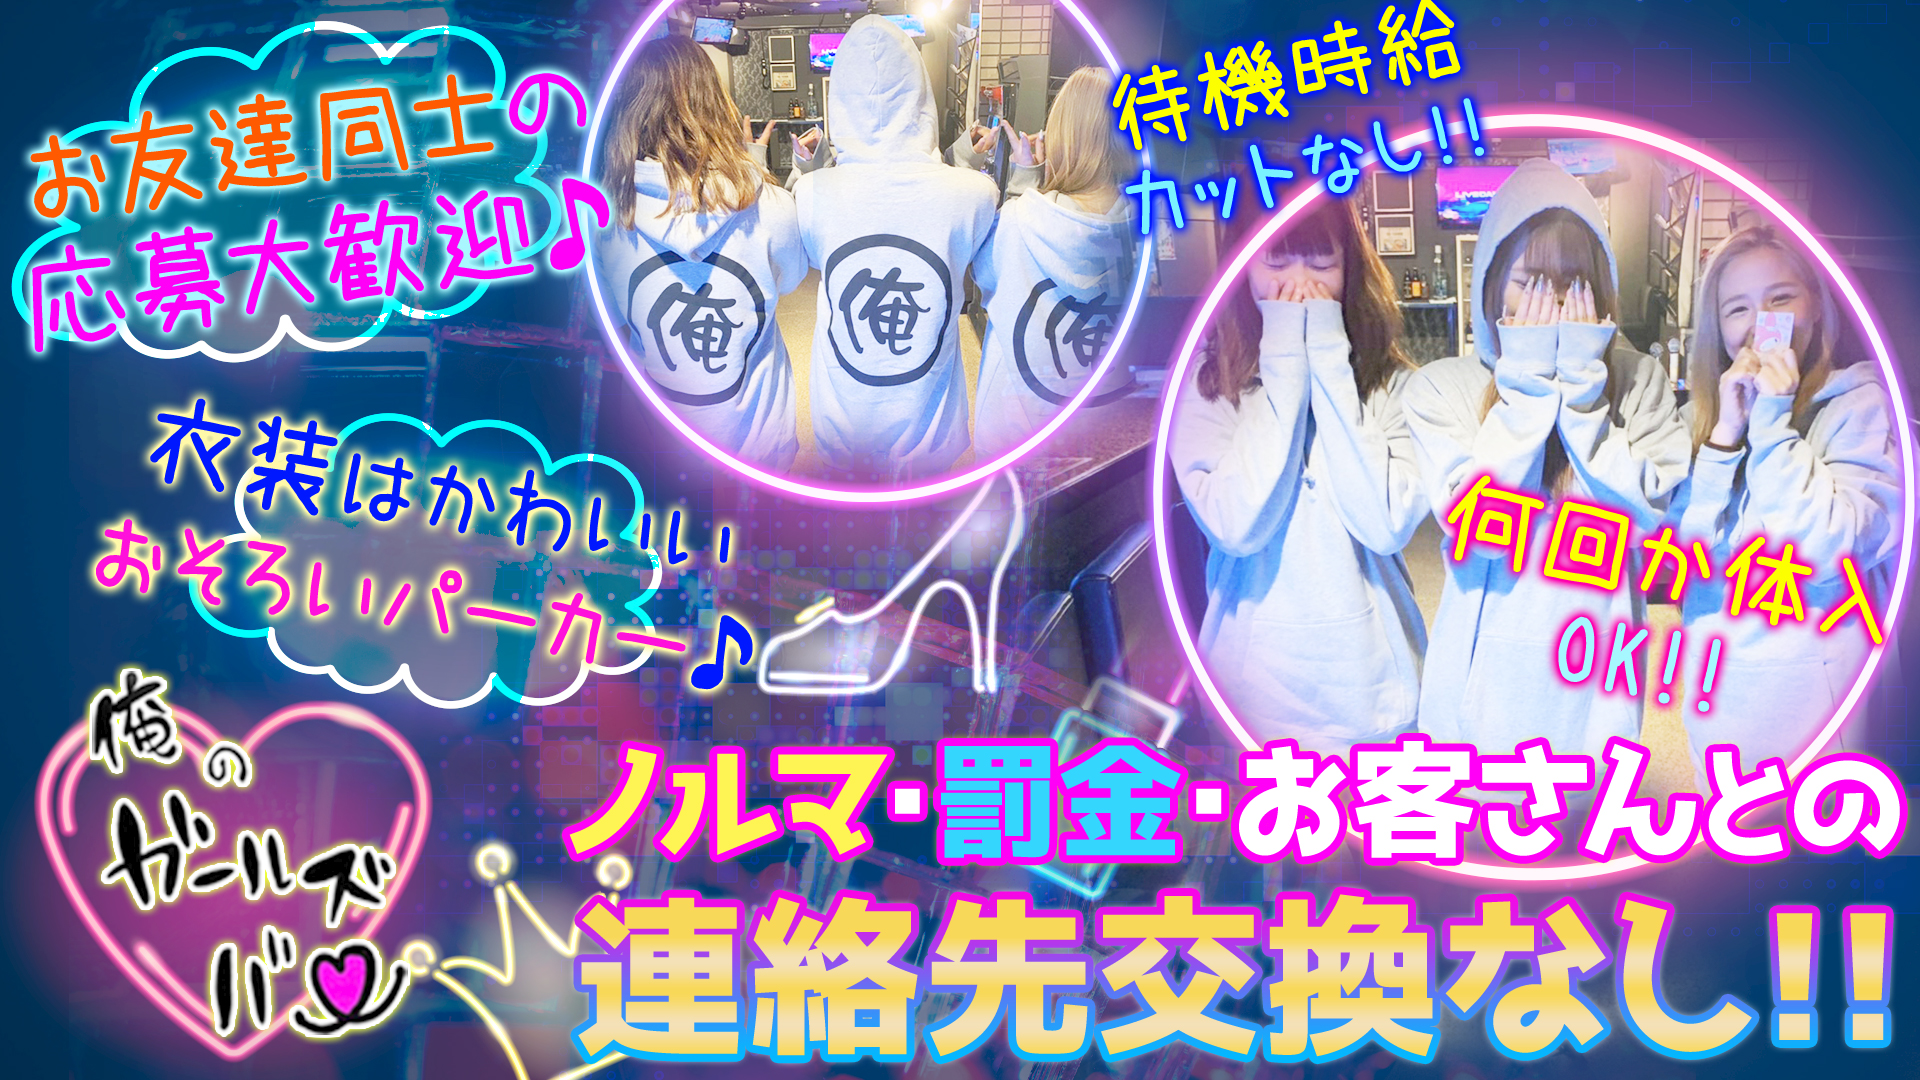 俺ノガールズバー 五反田 ガールズバー TOP画像